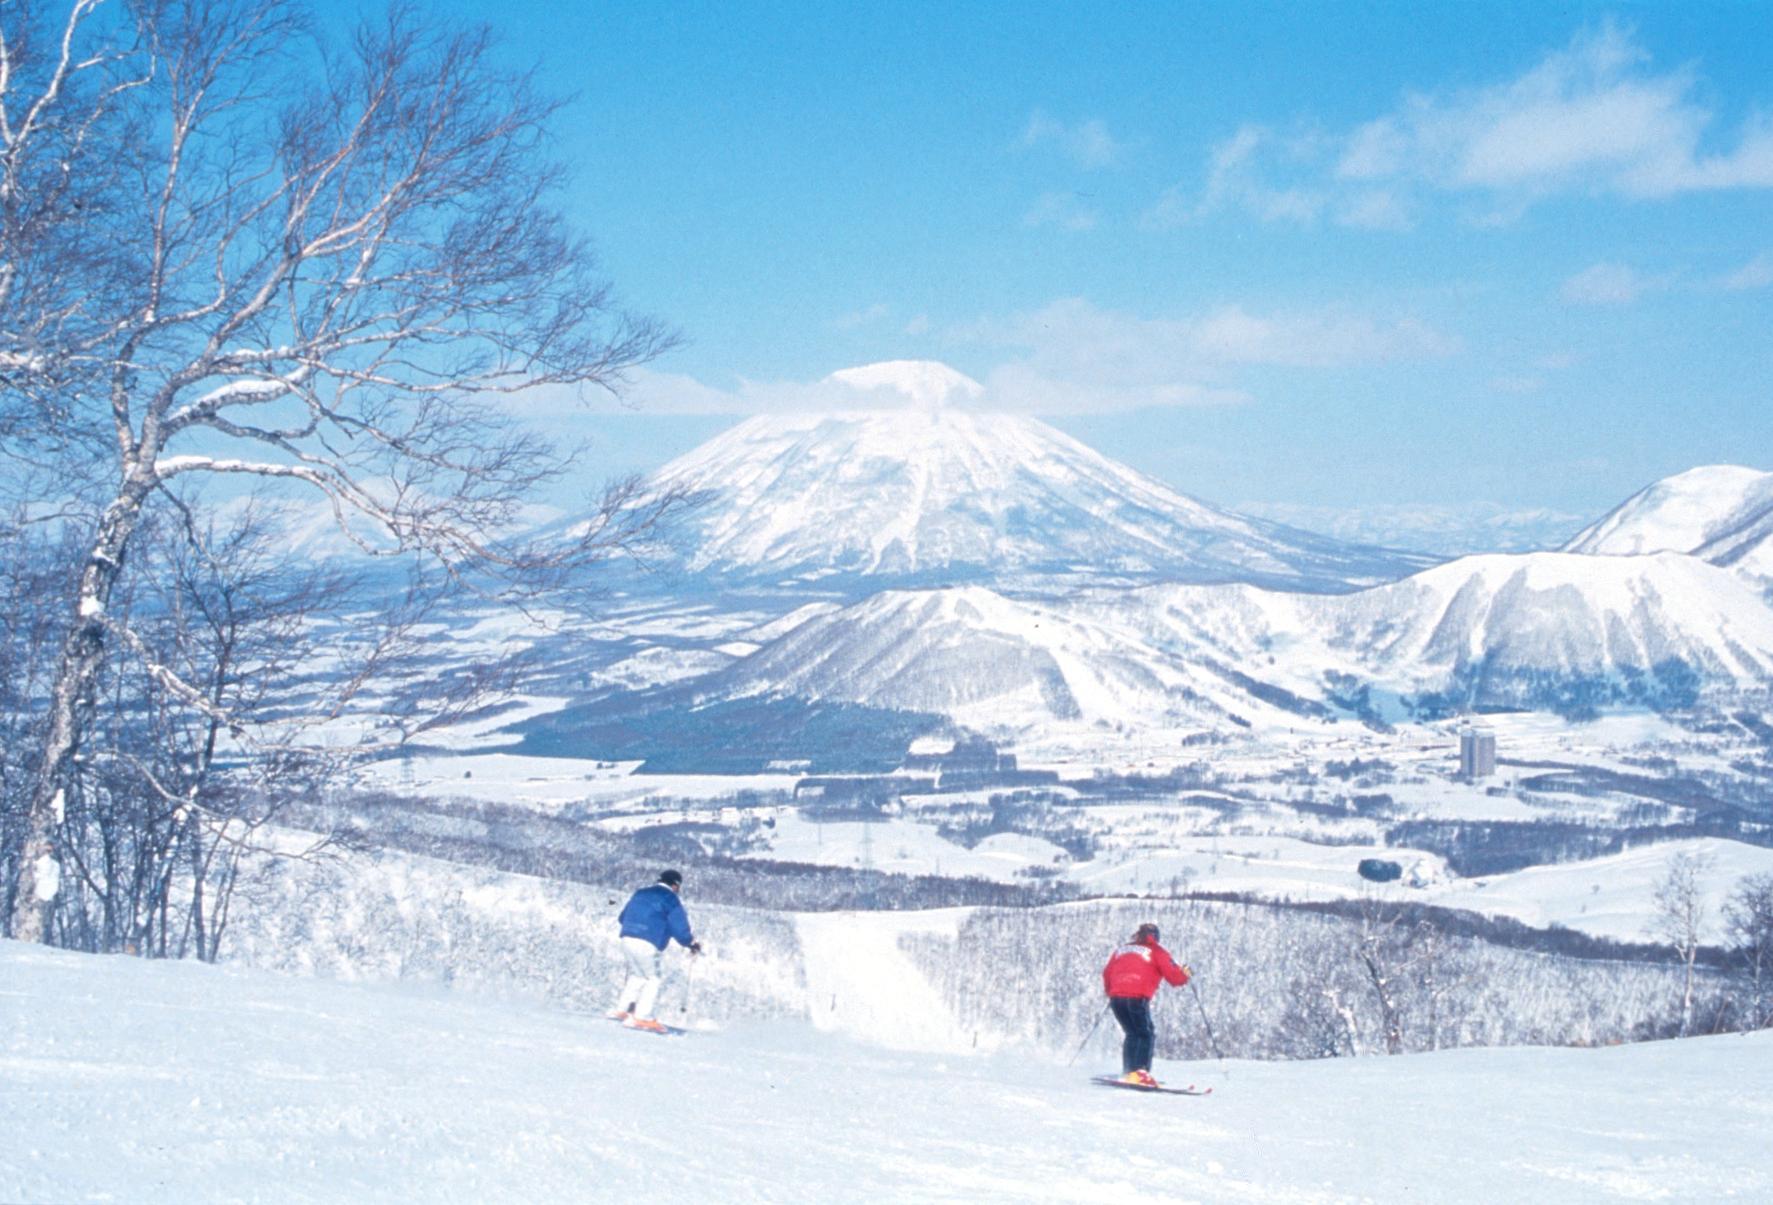 [스키][루스츠] 북해도 스키&보드 4일 - North & South